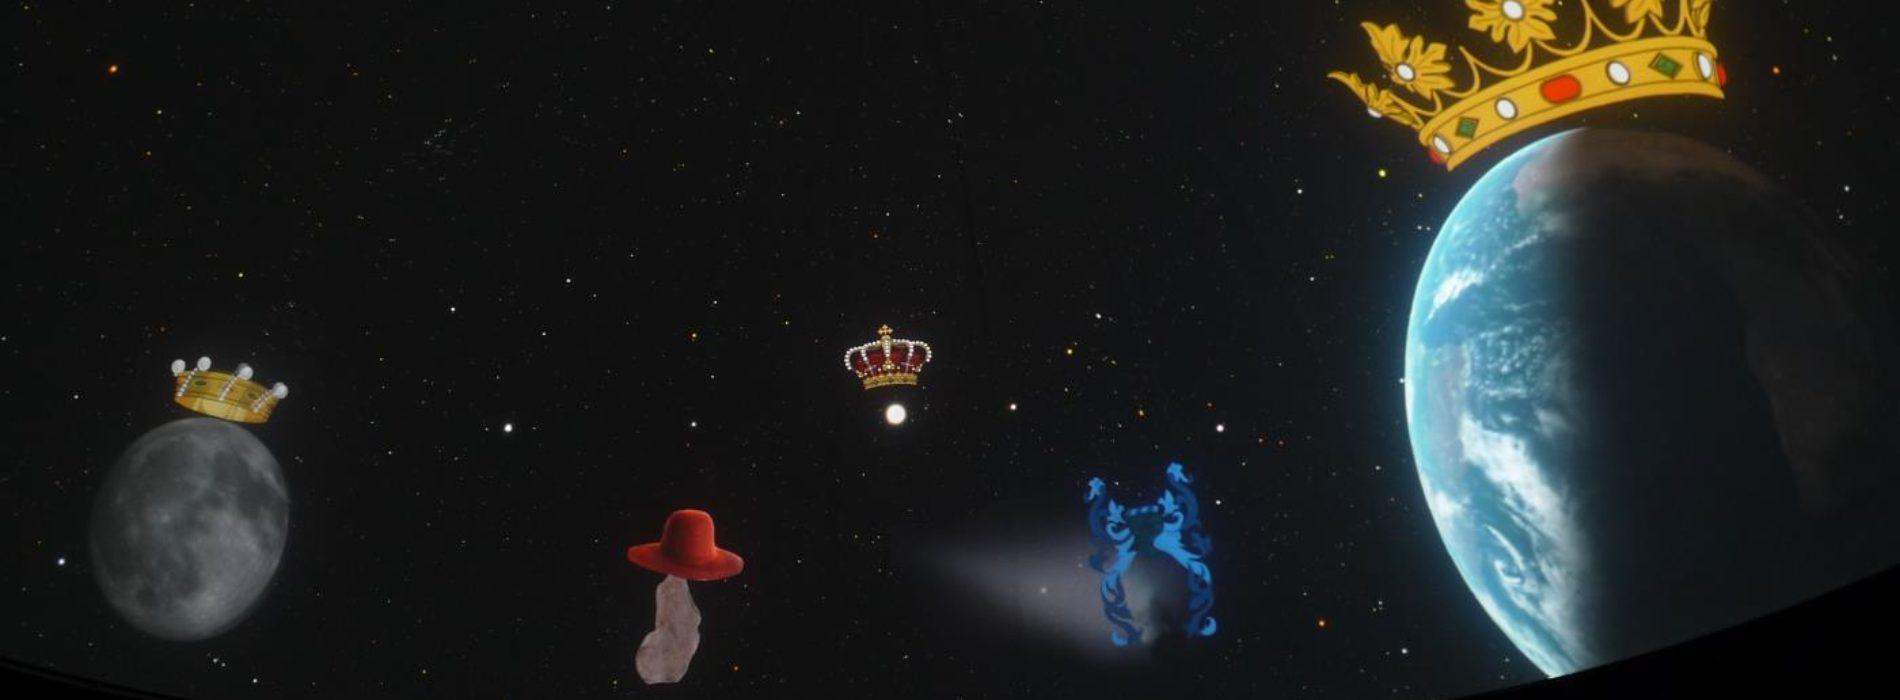 Solstizio d'estate, il Planetario di Caserta riprende le attività